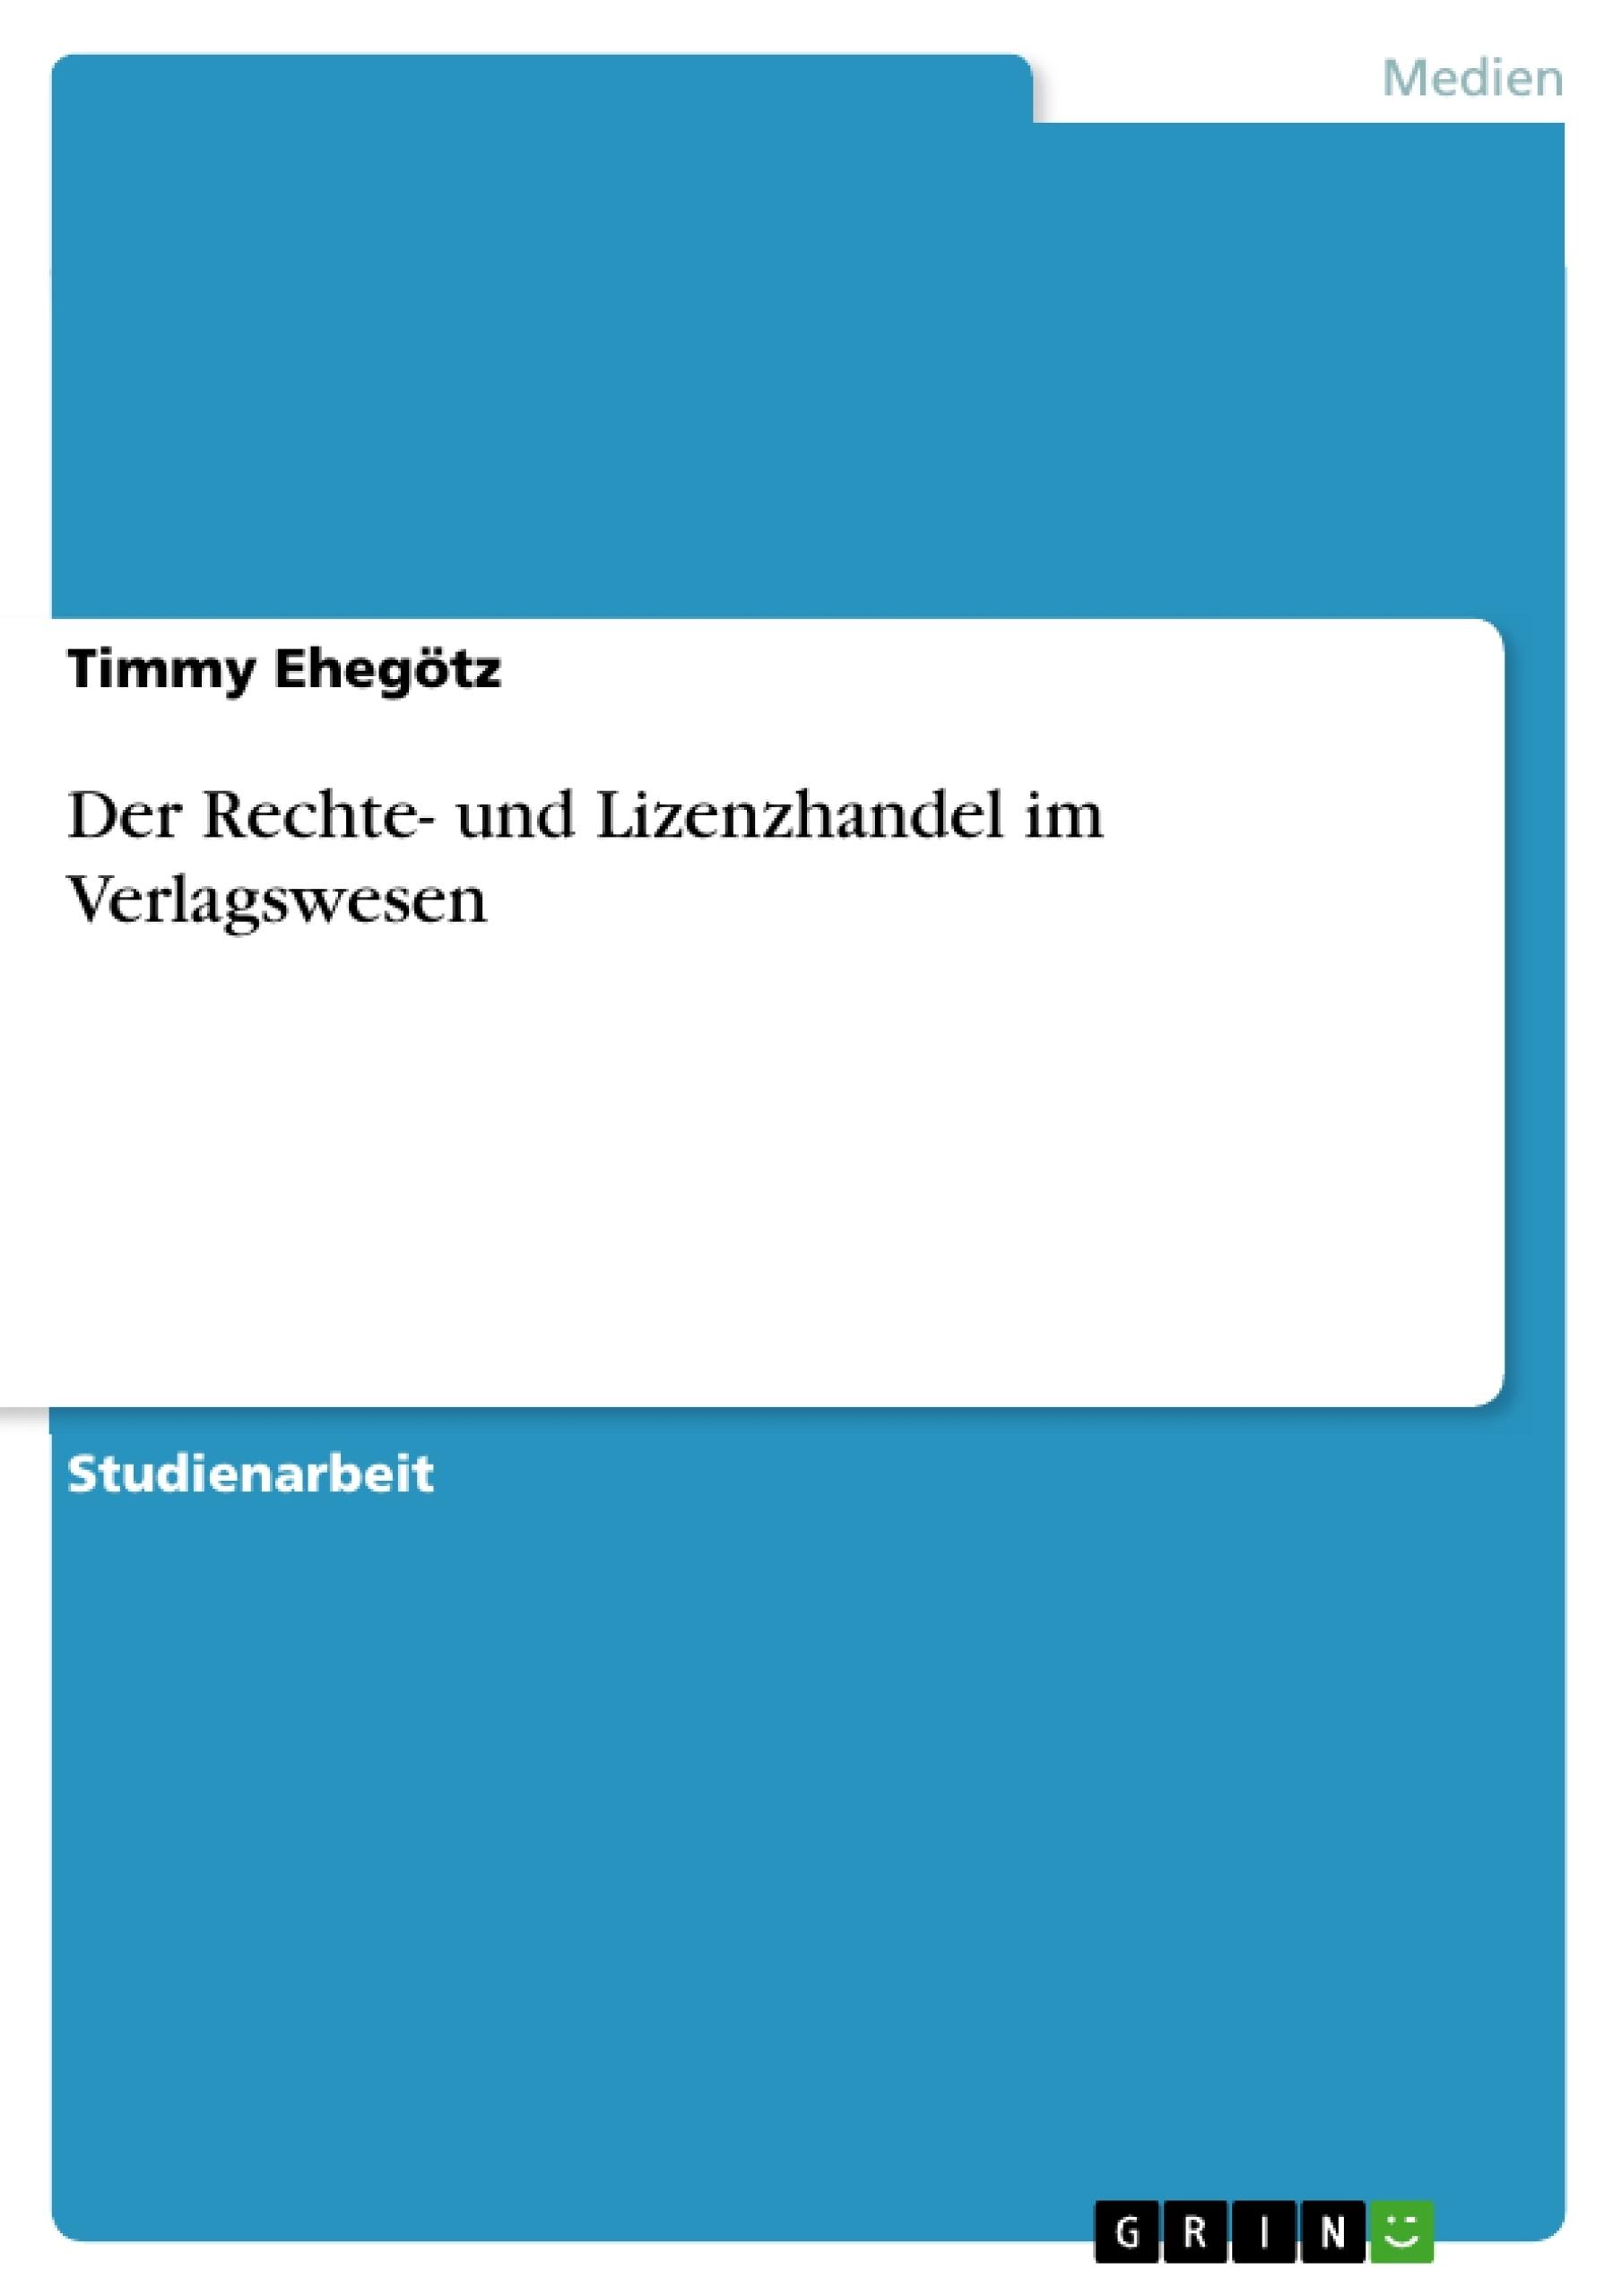 Titel: Der Rechte- und Lizenzhandel im Verlagswesen